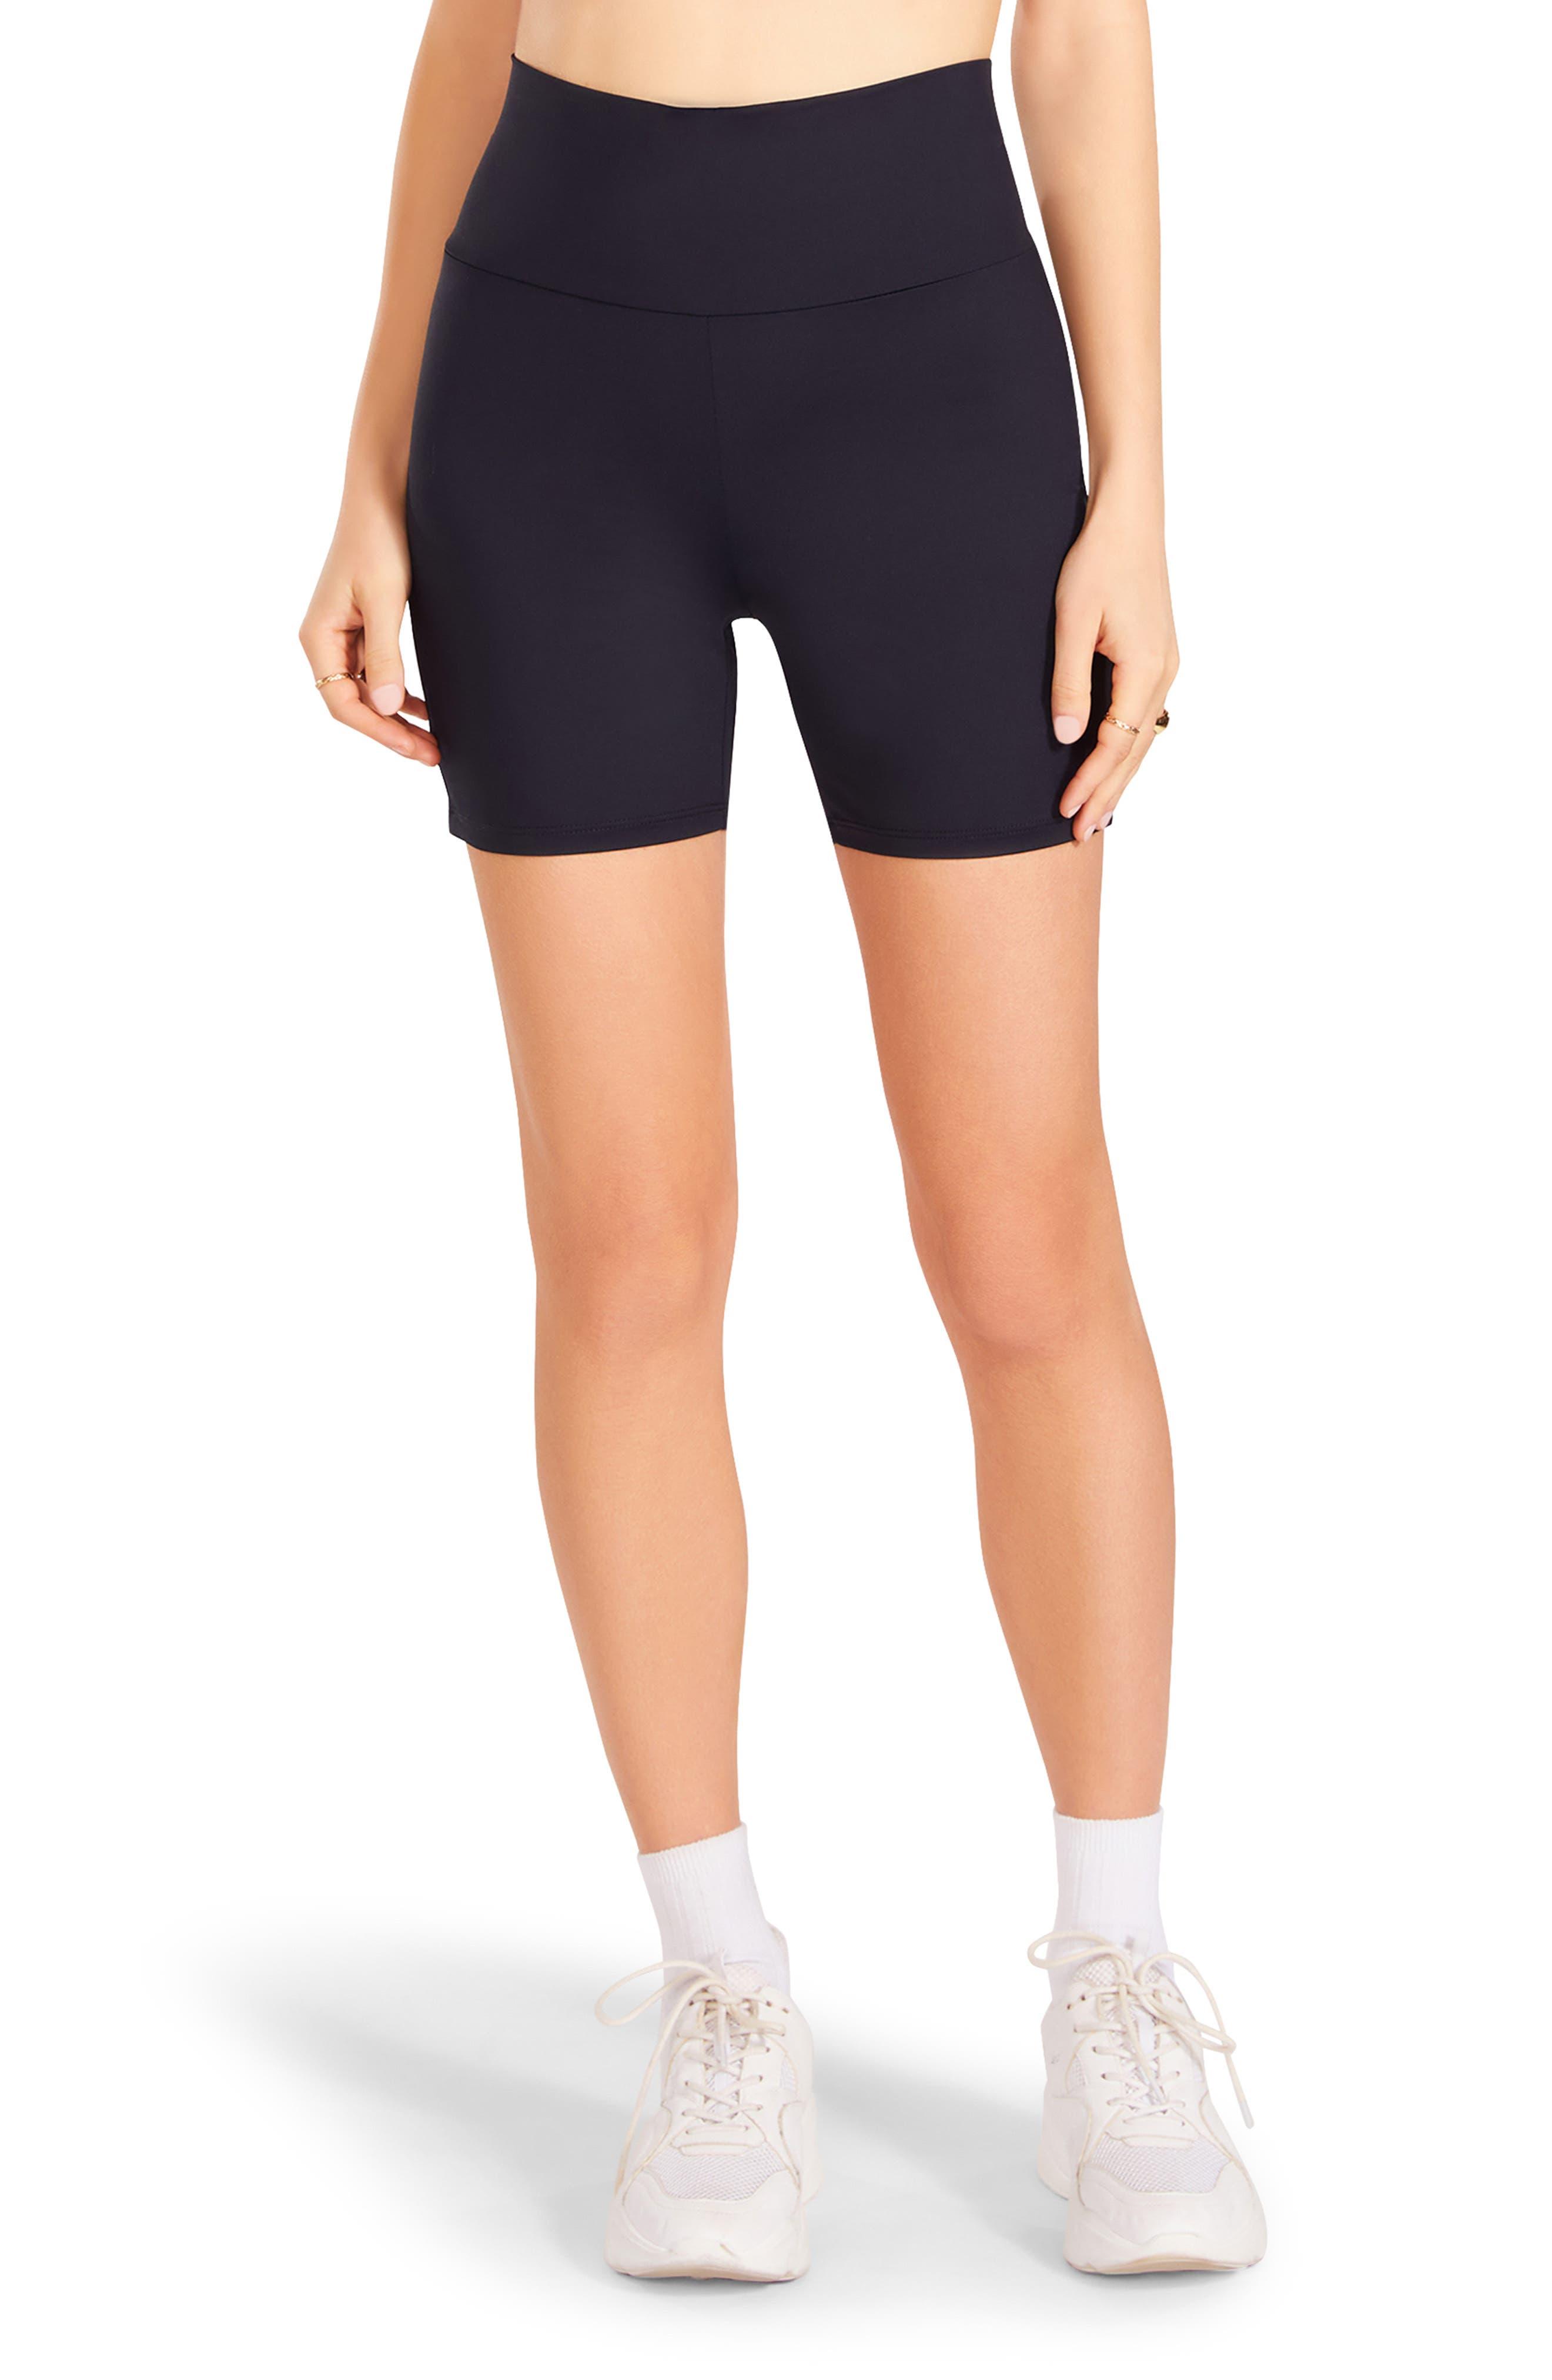 Spun Out Bike Shorts